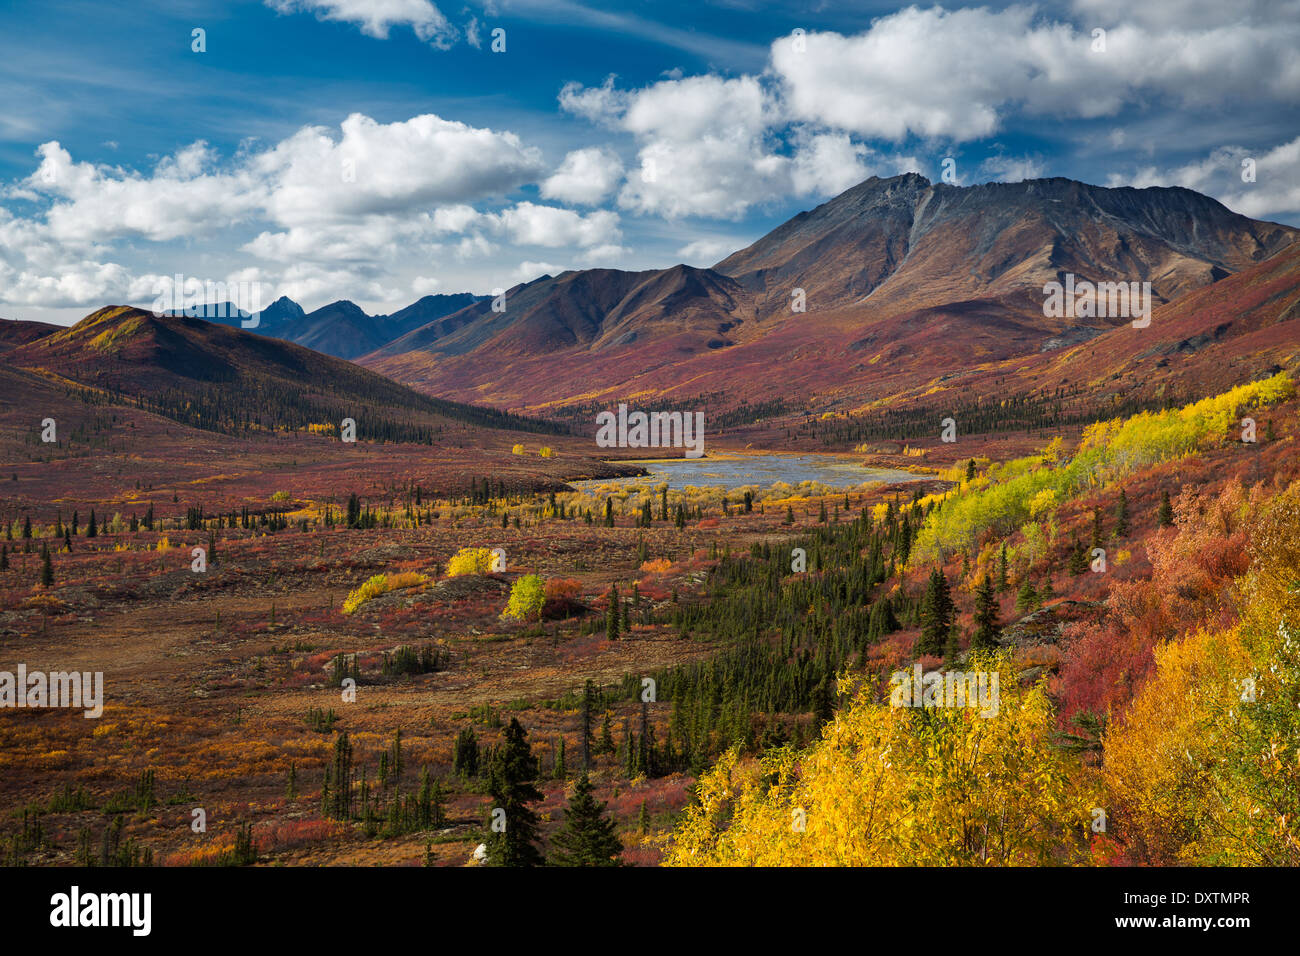 I colori autunnali e Cattedrale di montagna, Lapide parco territoriale, Yukon Territori, Canada Immagini Stock